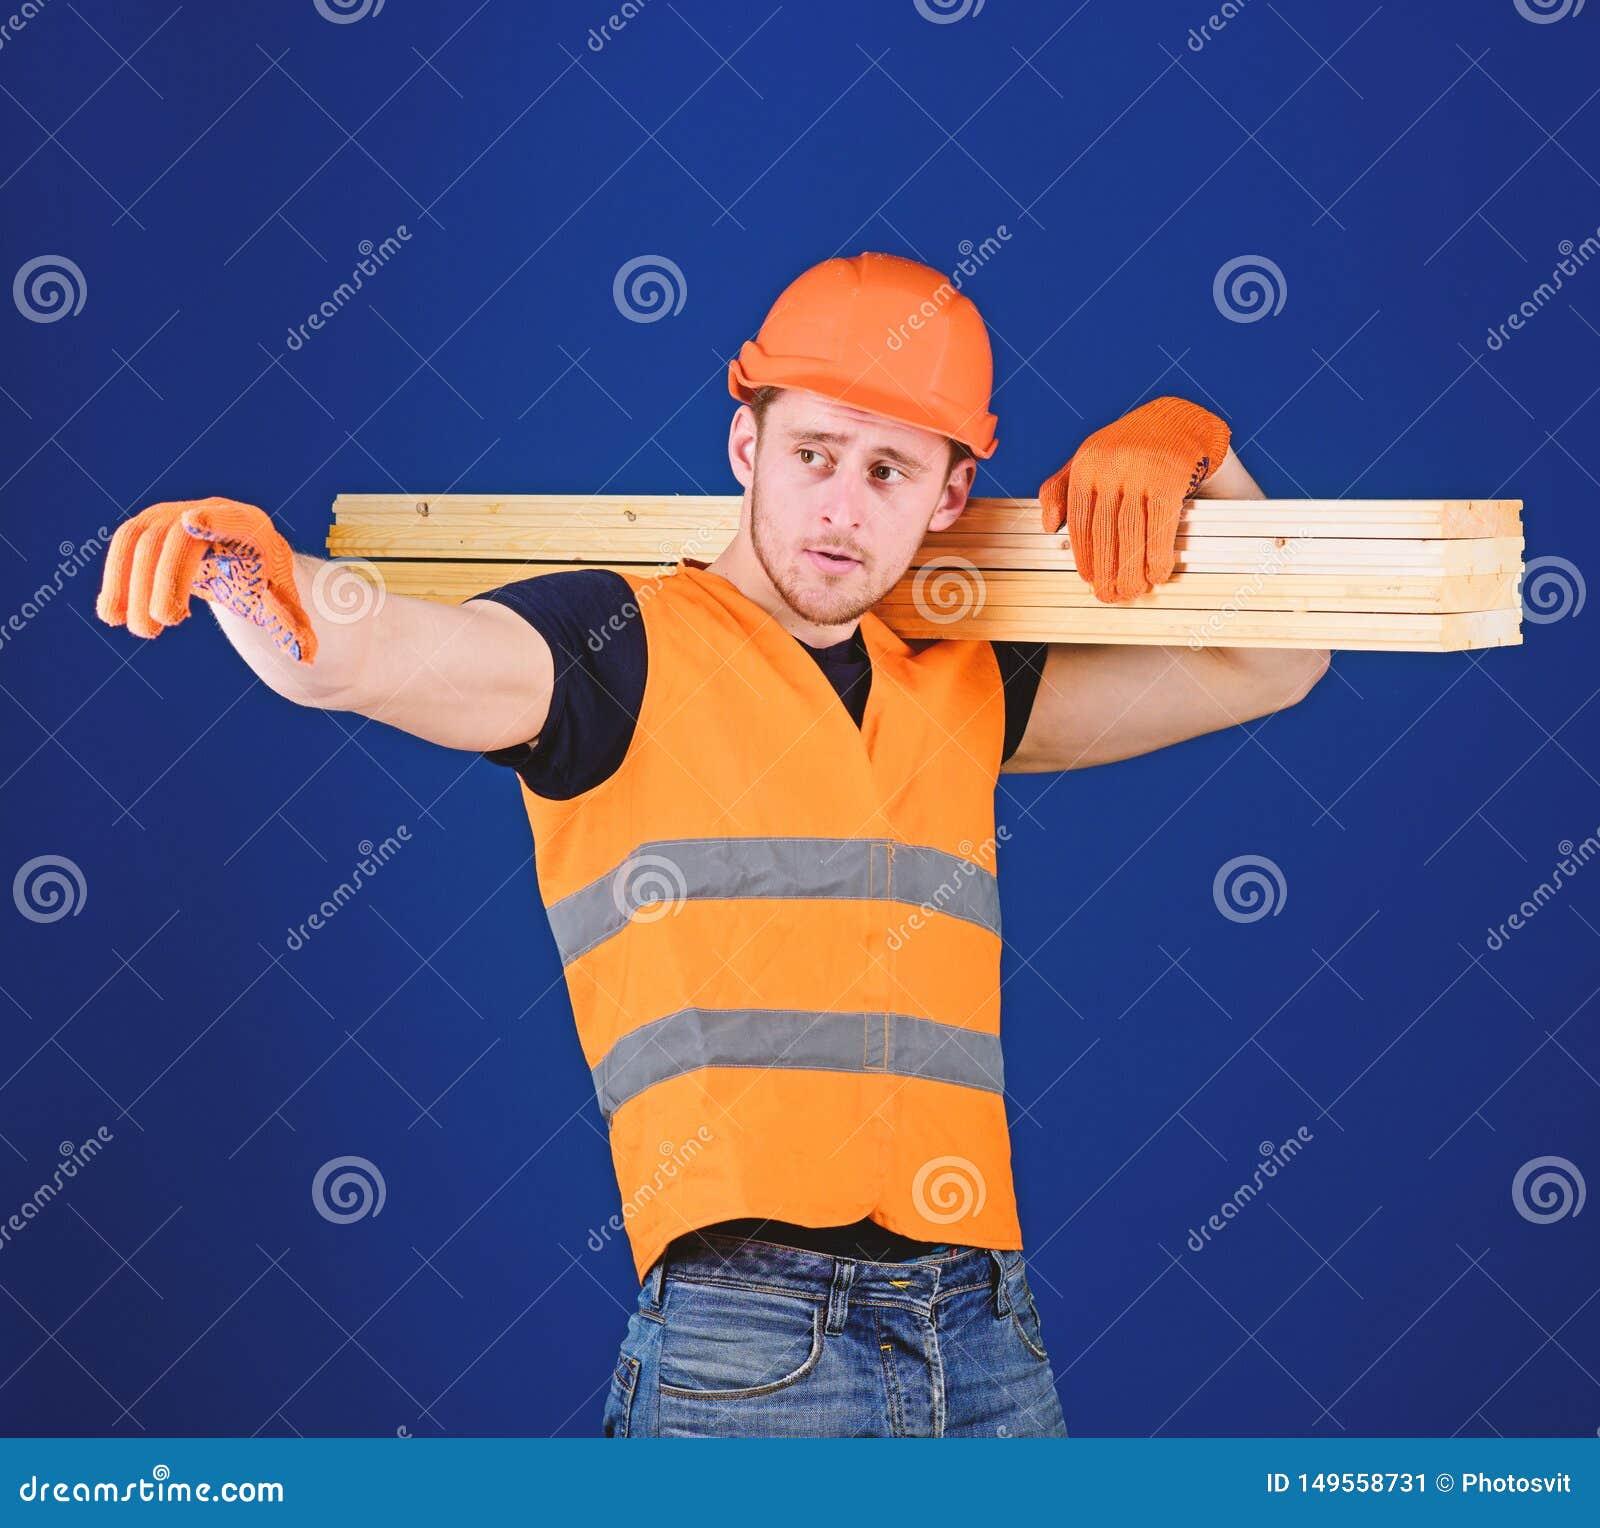 Hombre en la direcci?n punteaguda del casco, del casco y de los guantes protectores, fondo azul Carpintero, carpintero, construct